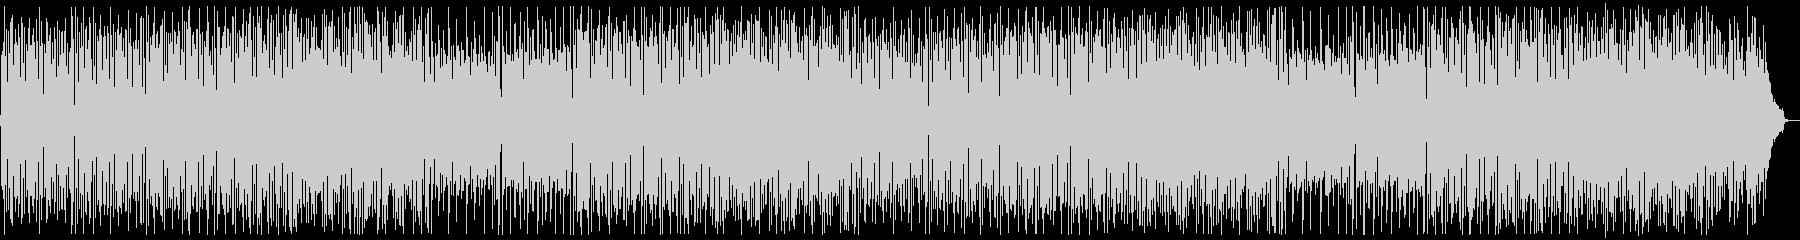 明るく前向きなピアノポップ:フルx2の未再生の波形